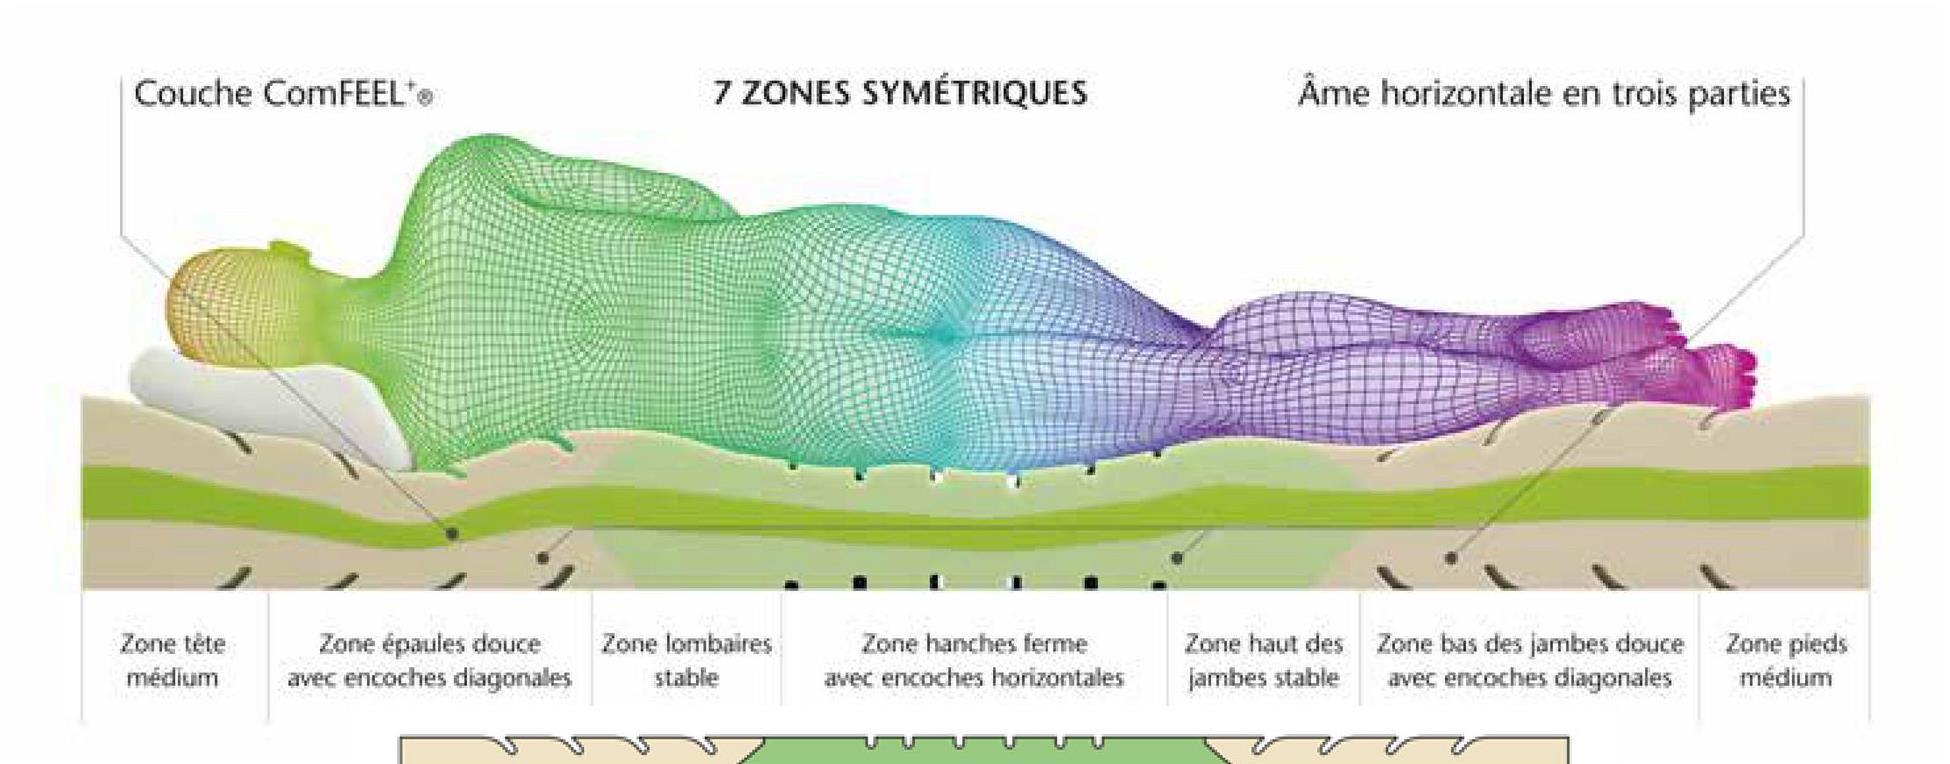 Couche ComFEEL 7 ZONES SYMÉTRIQUES Ame horizontale en trois parties Zone tête médium Zone épaules douce avec encoches diagonales Zone lombaires stable Zone hanches ferme avec encoches horizontales Zone haut des Zone bas des jambes douce jambes stable avec encoches diagonales Zone pieds médium - -